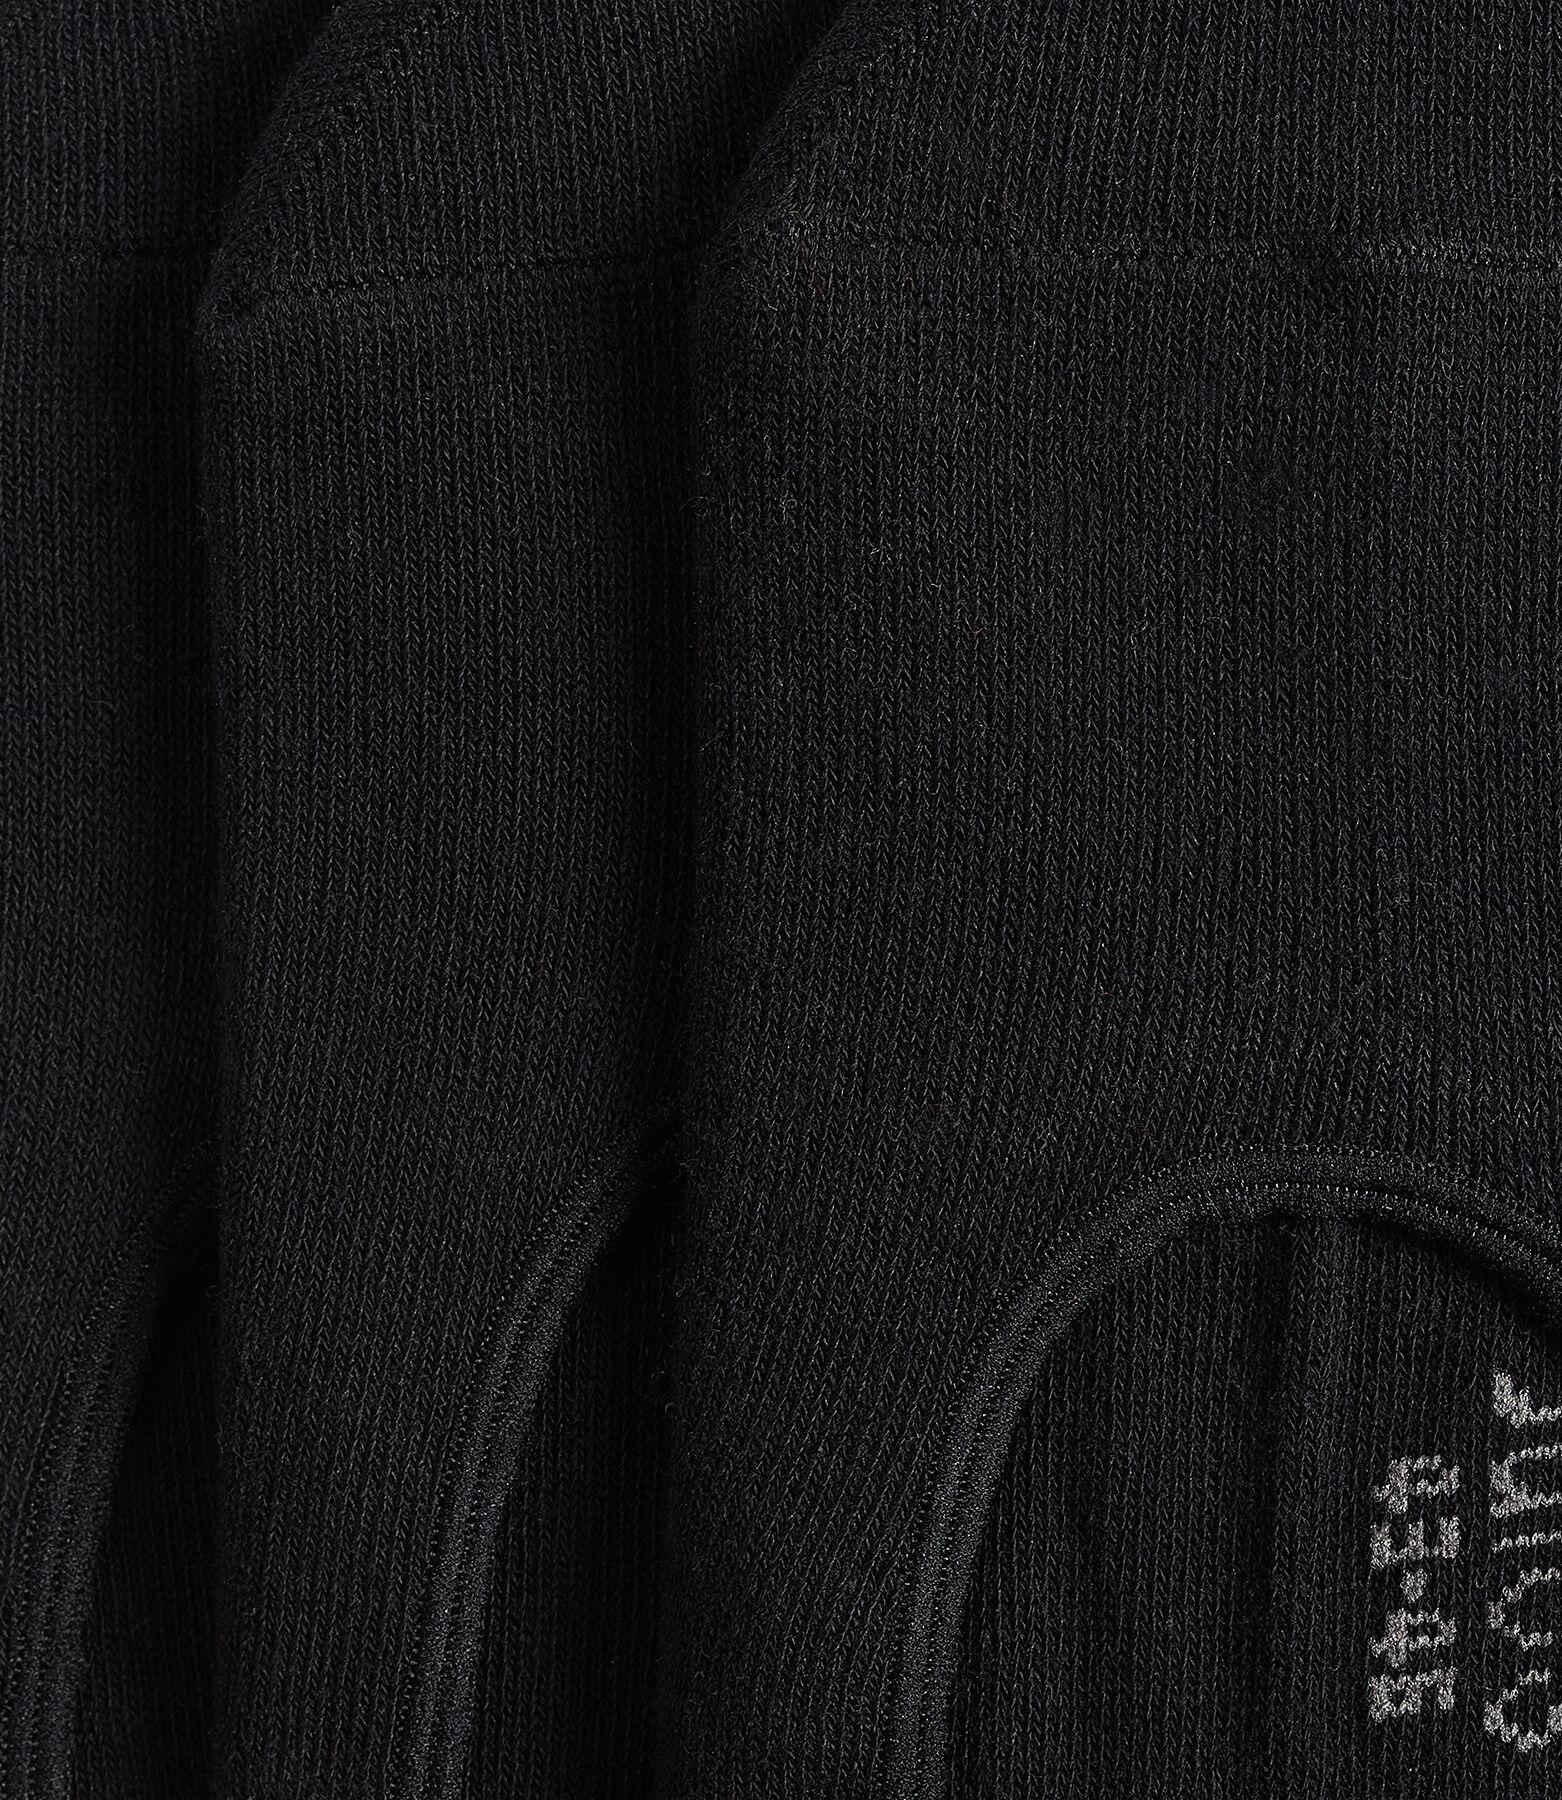 Chaussettes invisibles noires par lot de 3